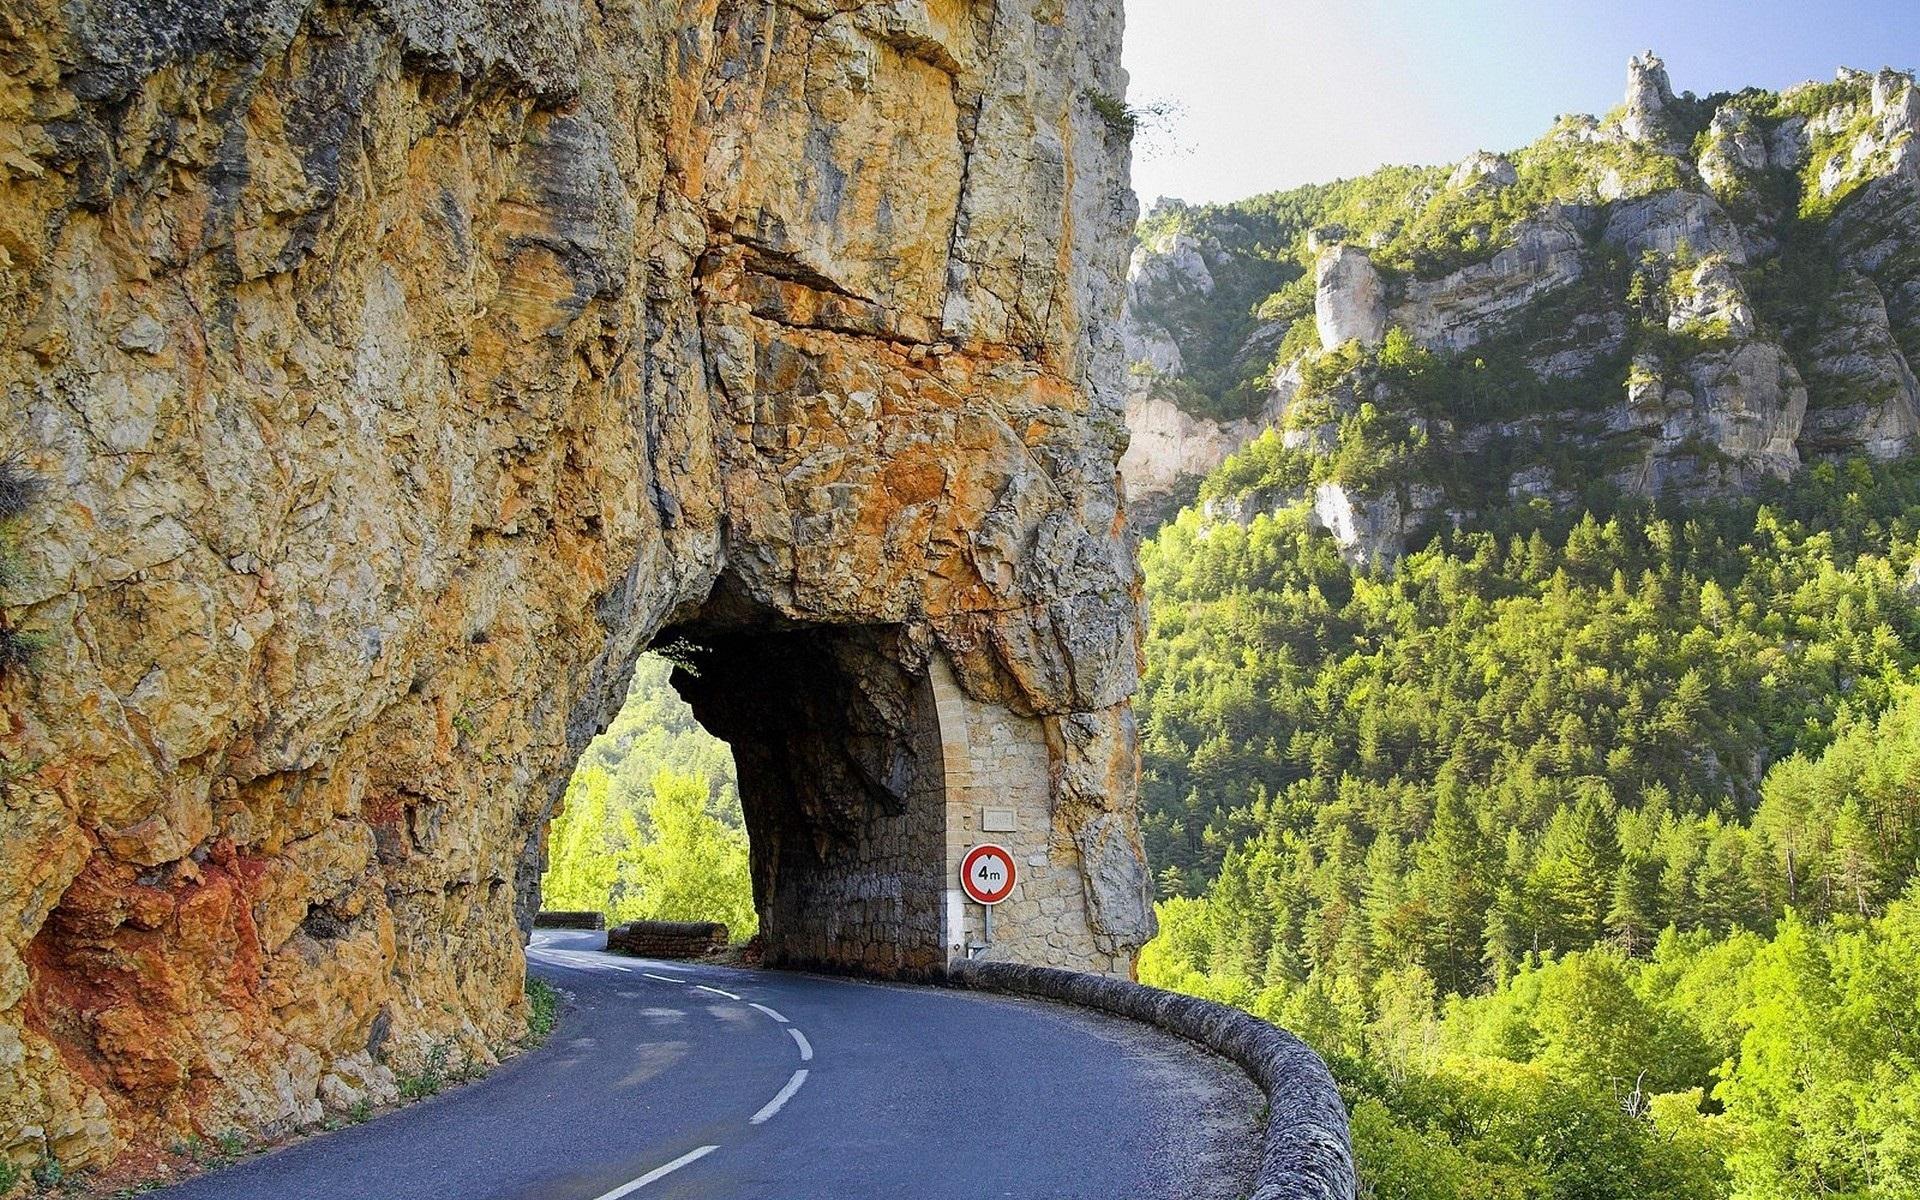 дорога в горы бесплатно